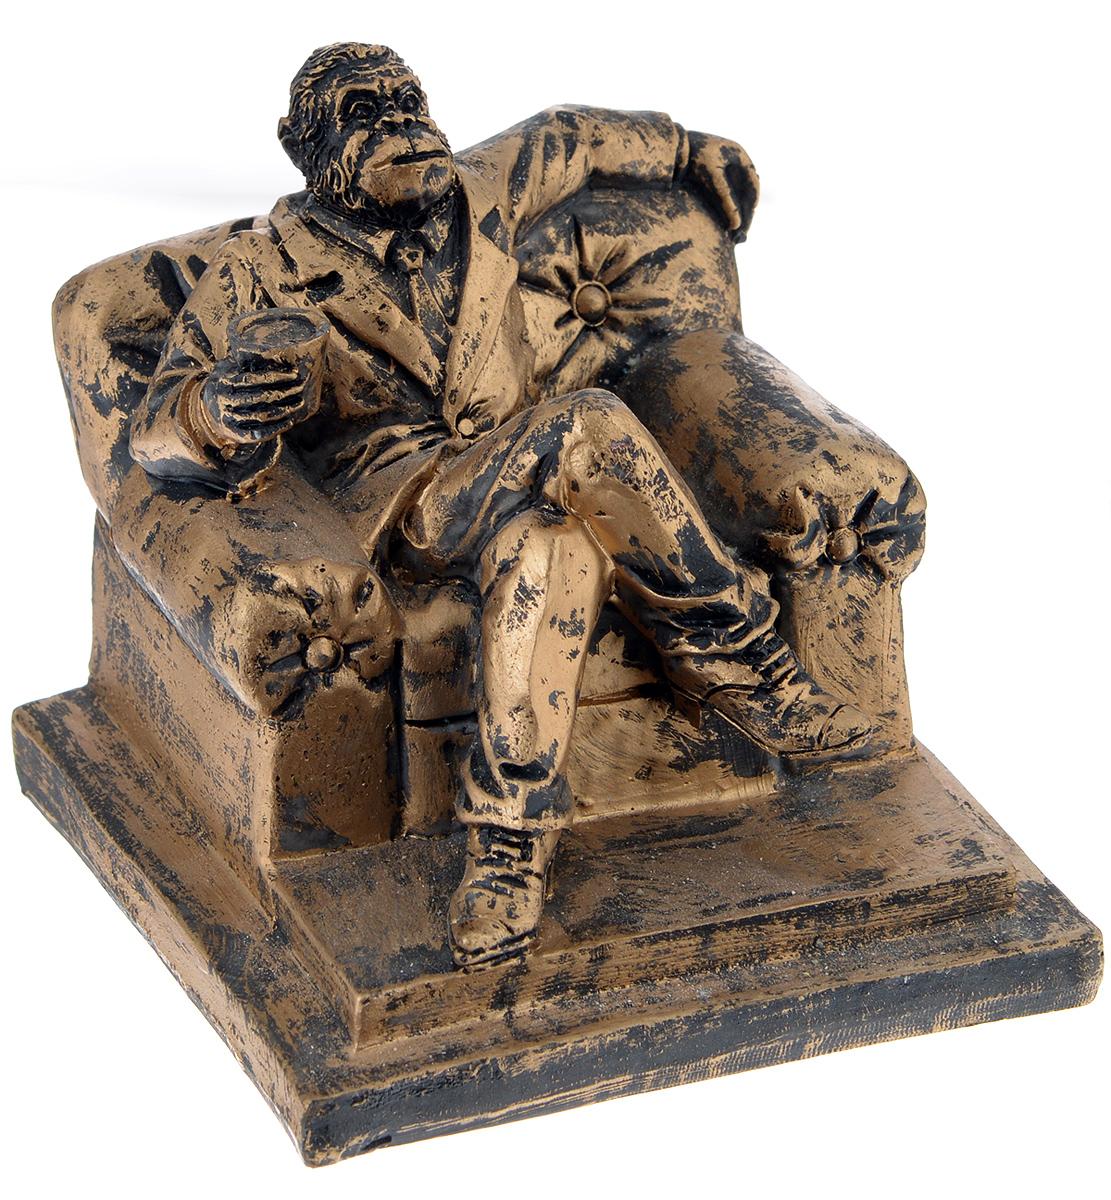 Фигурка декоративная Обезьяна в кресле, высота 9,8 см64504Декоративная фигурка Обезьяна в кресле станет оригинальным подарком для всех любителей стильных вещей. Сувенир выполнен из высококачественной полирезины в форме обезьяны в кресле. Изысканный сувенир станет прекрасным дополнением к интерьеру. Вы можете поставить фигурку в любом месте, где она будет удачно смотреться и радовать глаз.